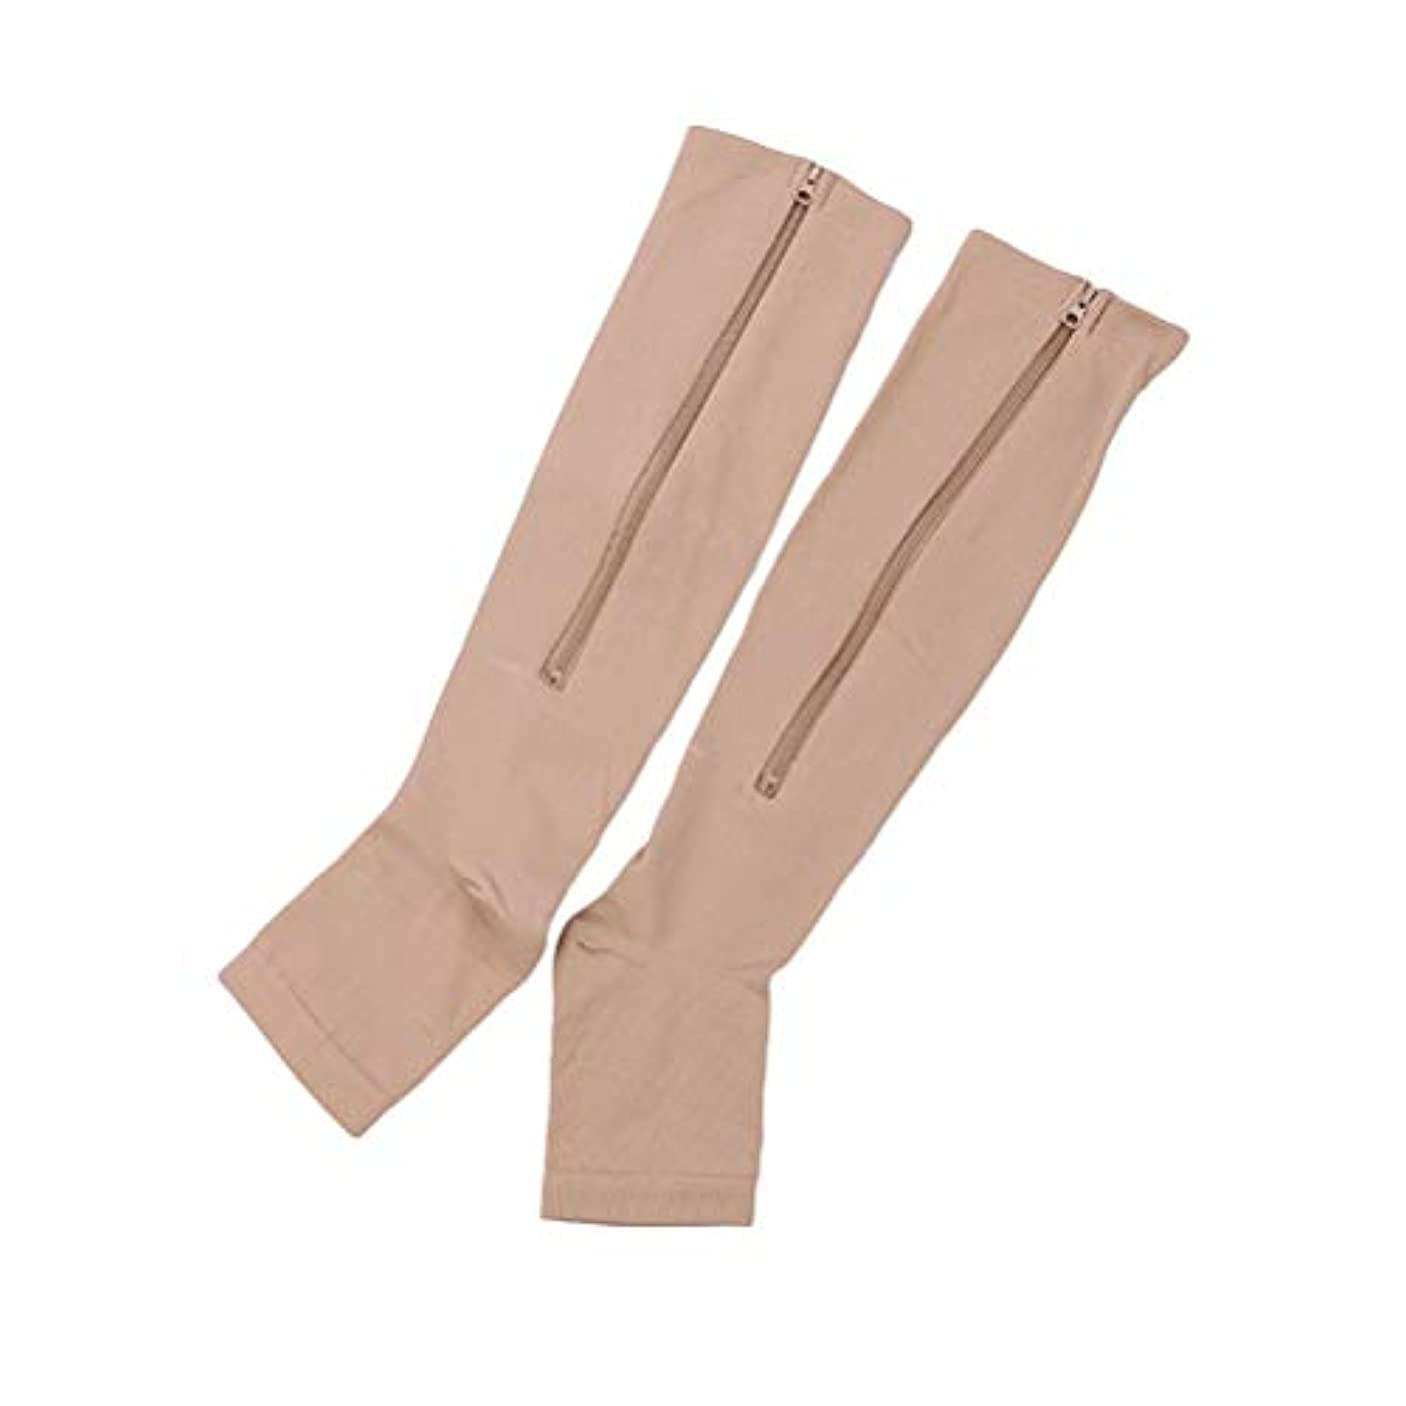 Healifty オープントゥジッパーストッキング圧縮靴下(カーキ、S/M)